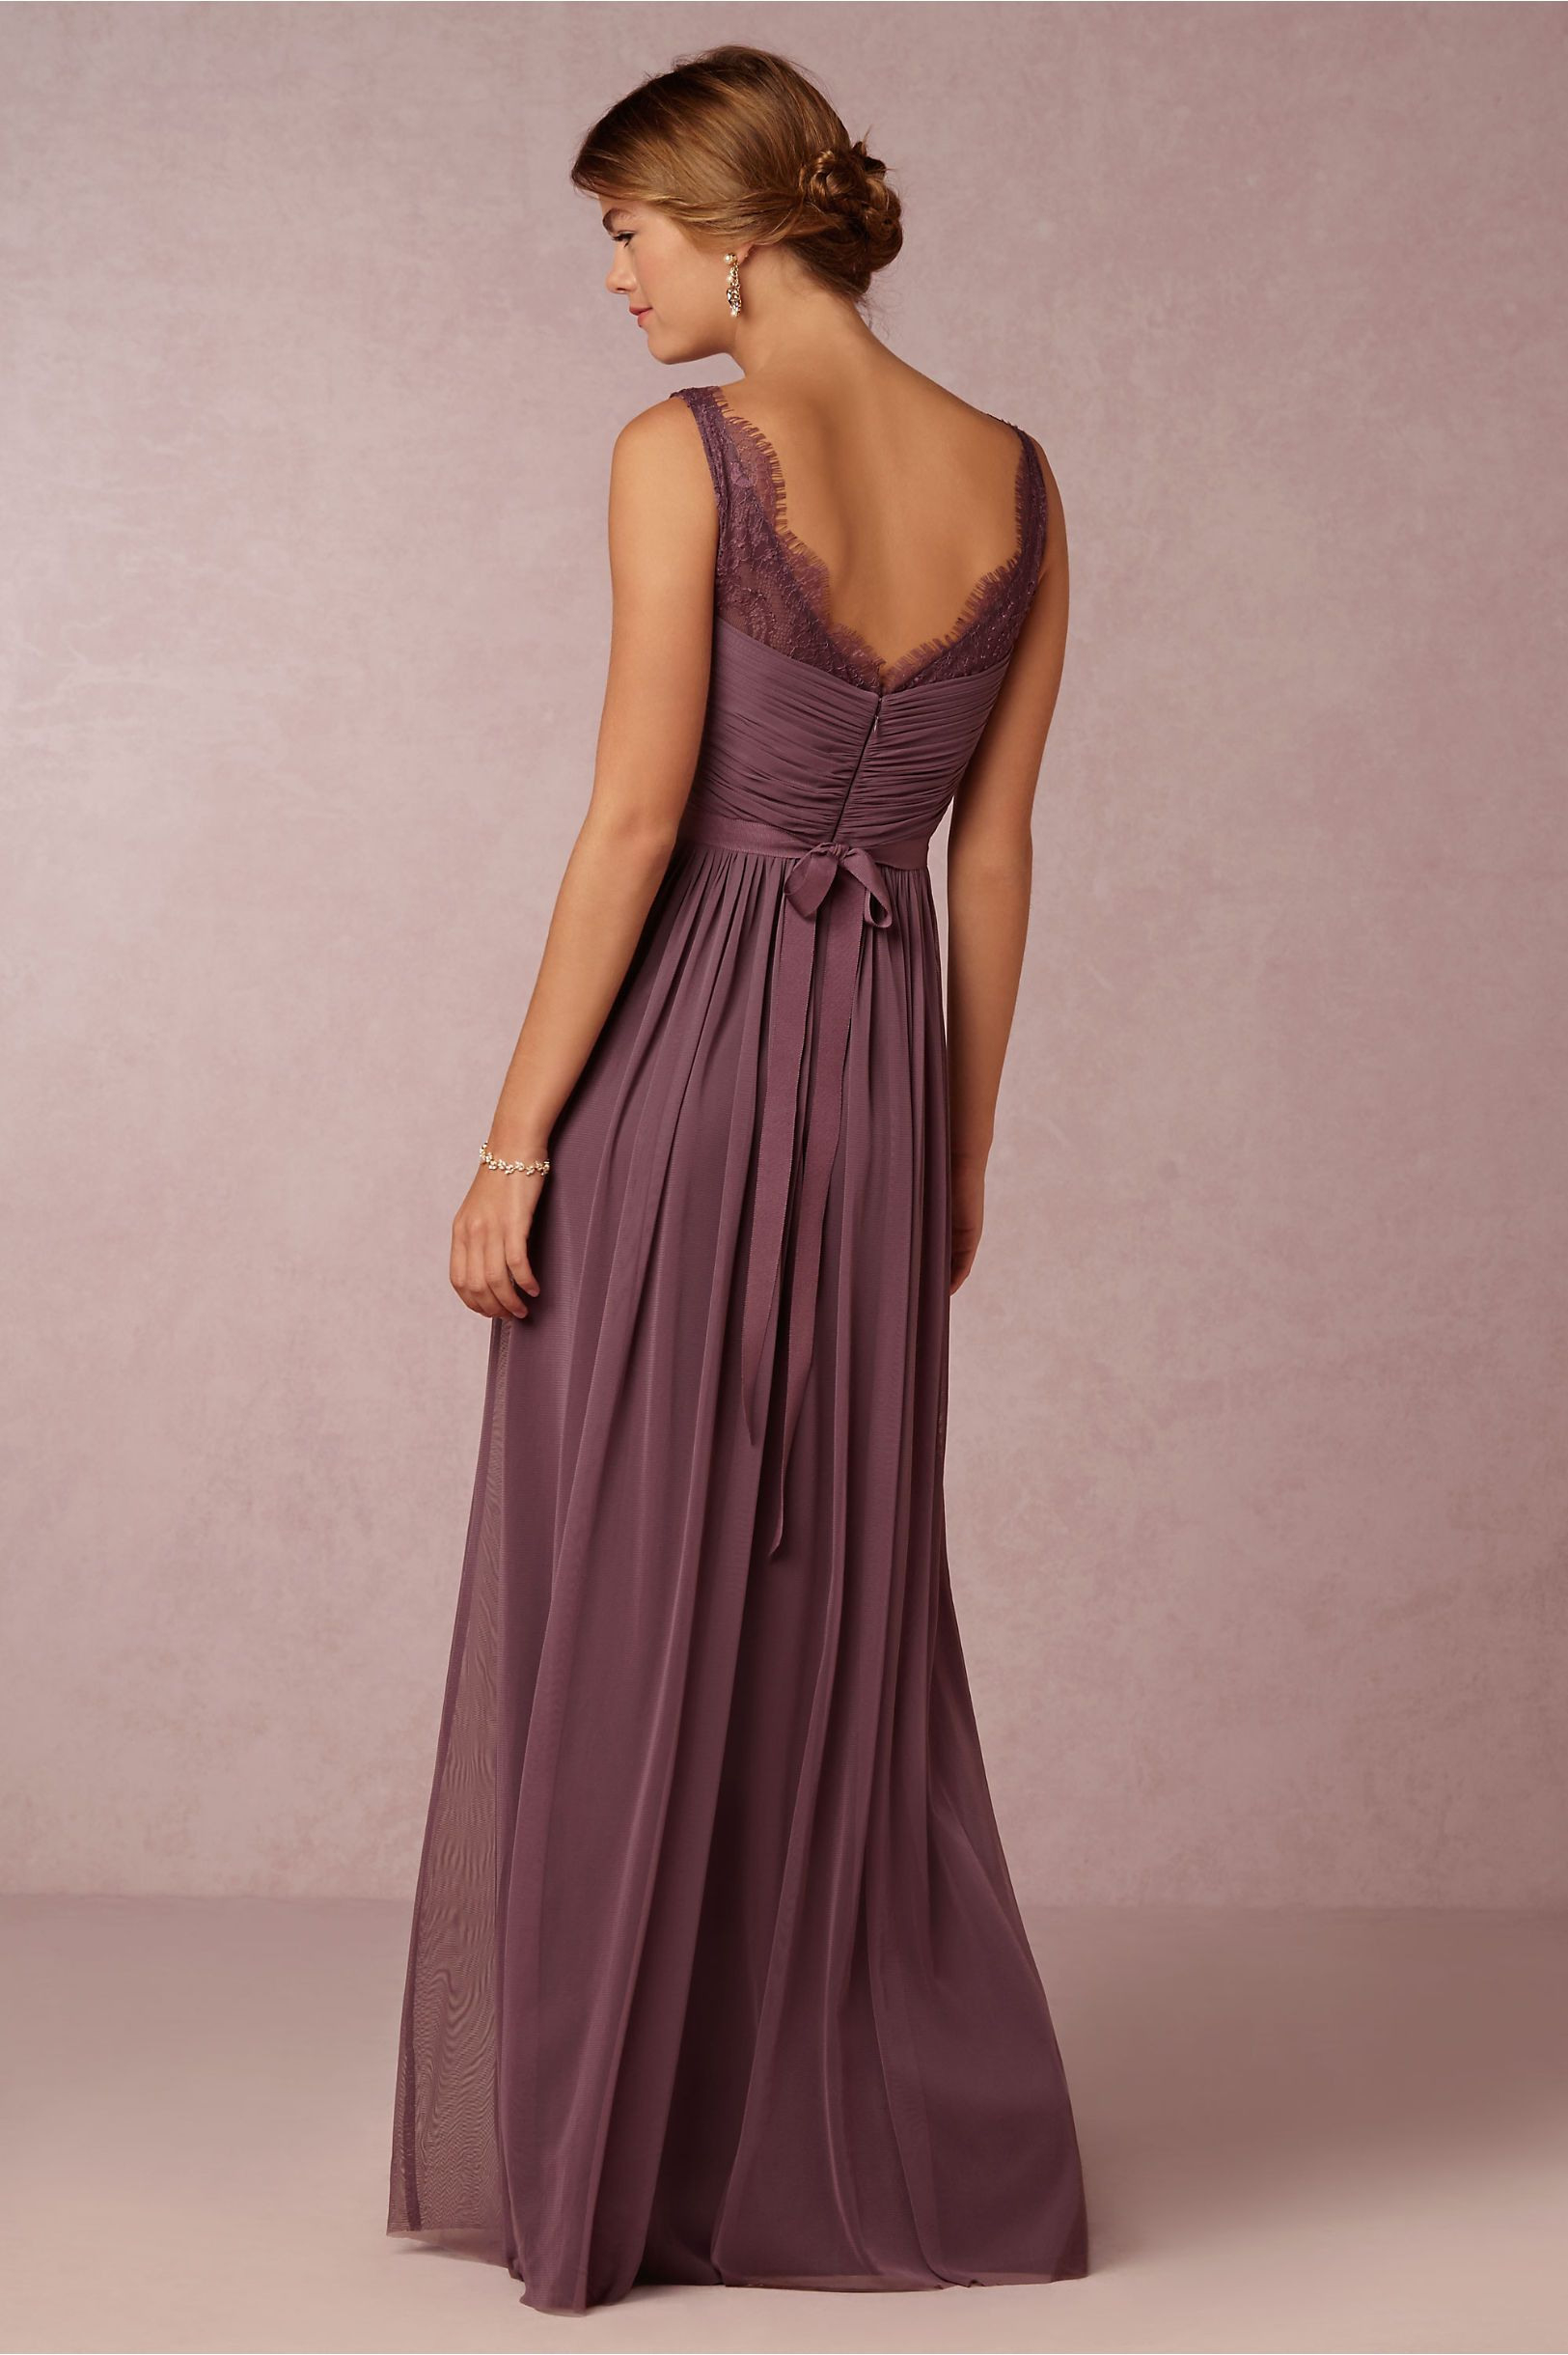 Fleur Dress  Kleid Hochzeit Trauzeugin Kleidung Kleid